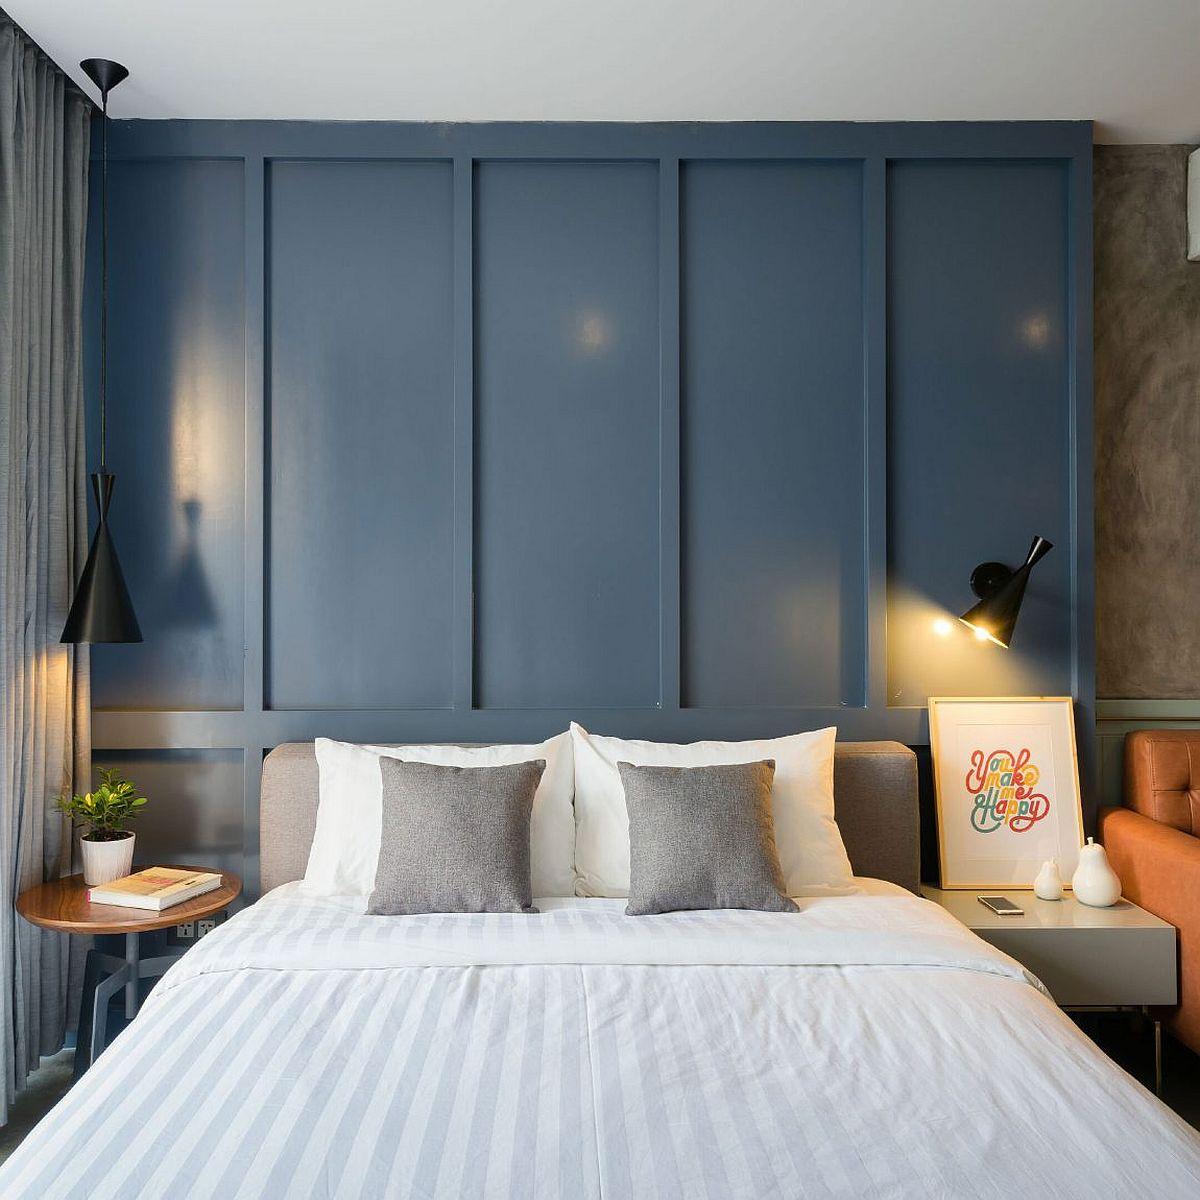 Serene bedroom design with blue backdrop